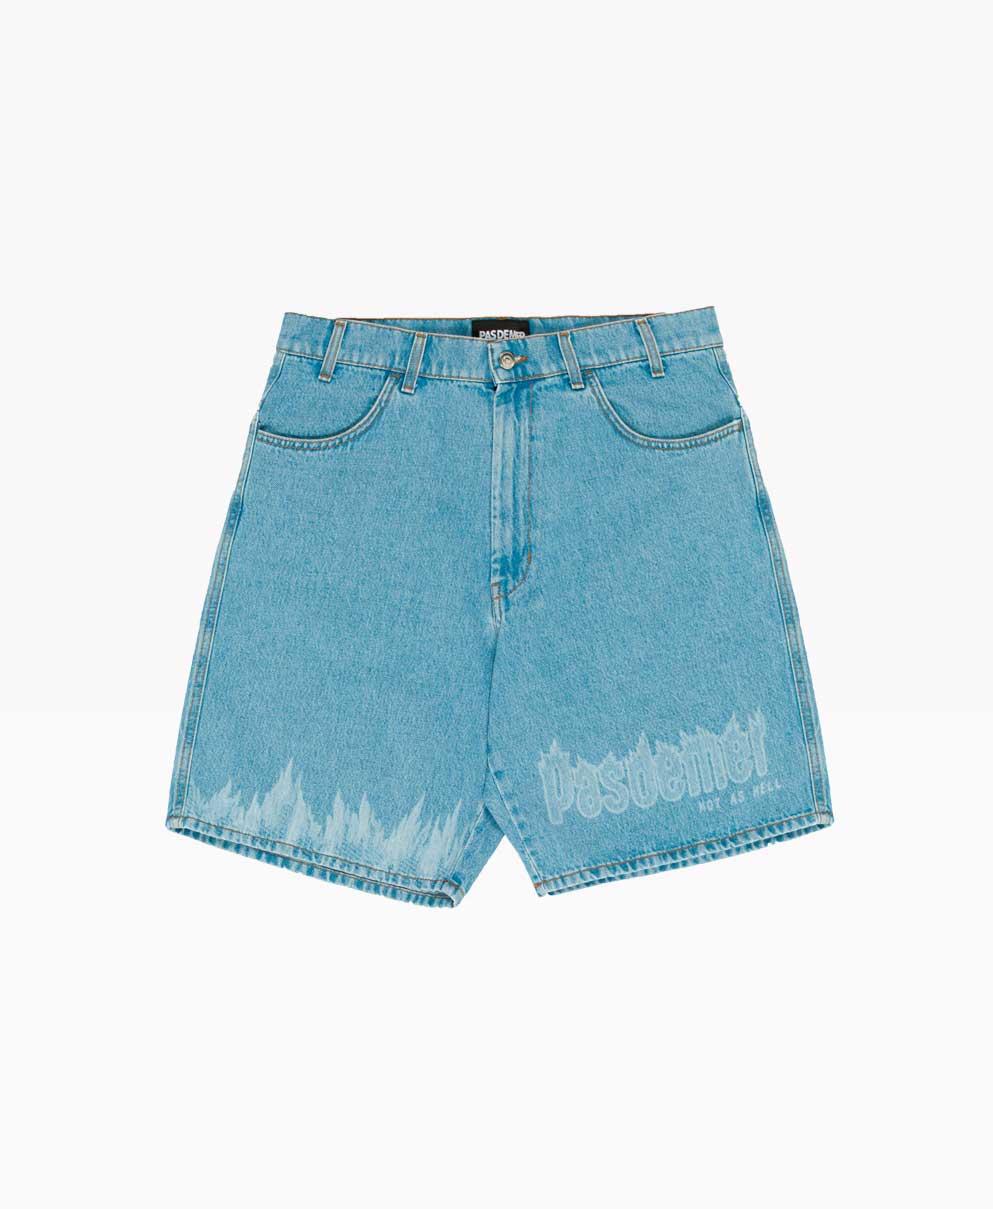 Pas De Mer Hot As Hell Shorts Denim Blue Front